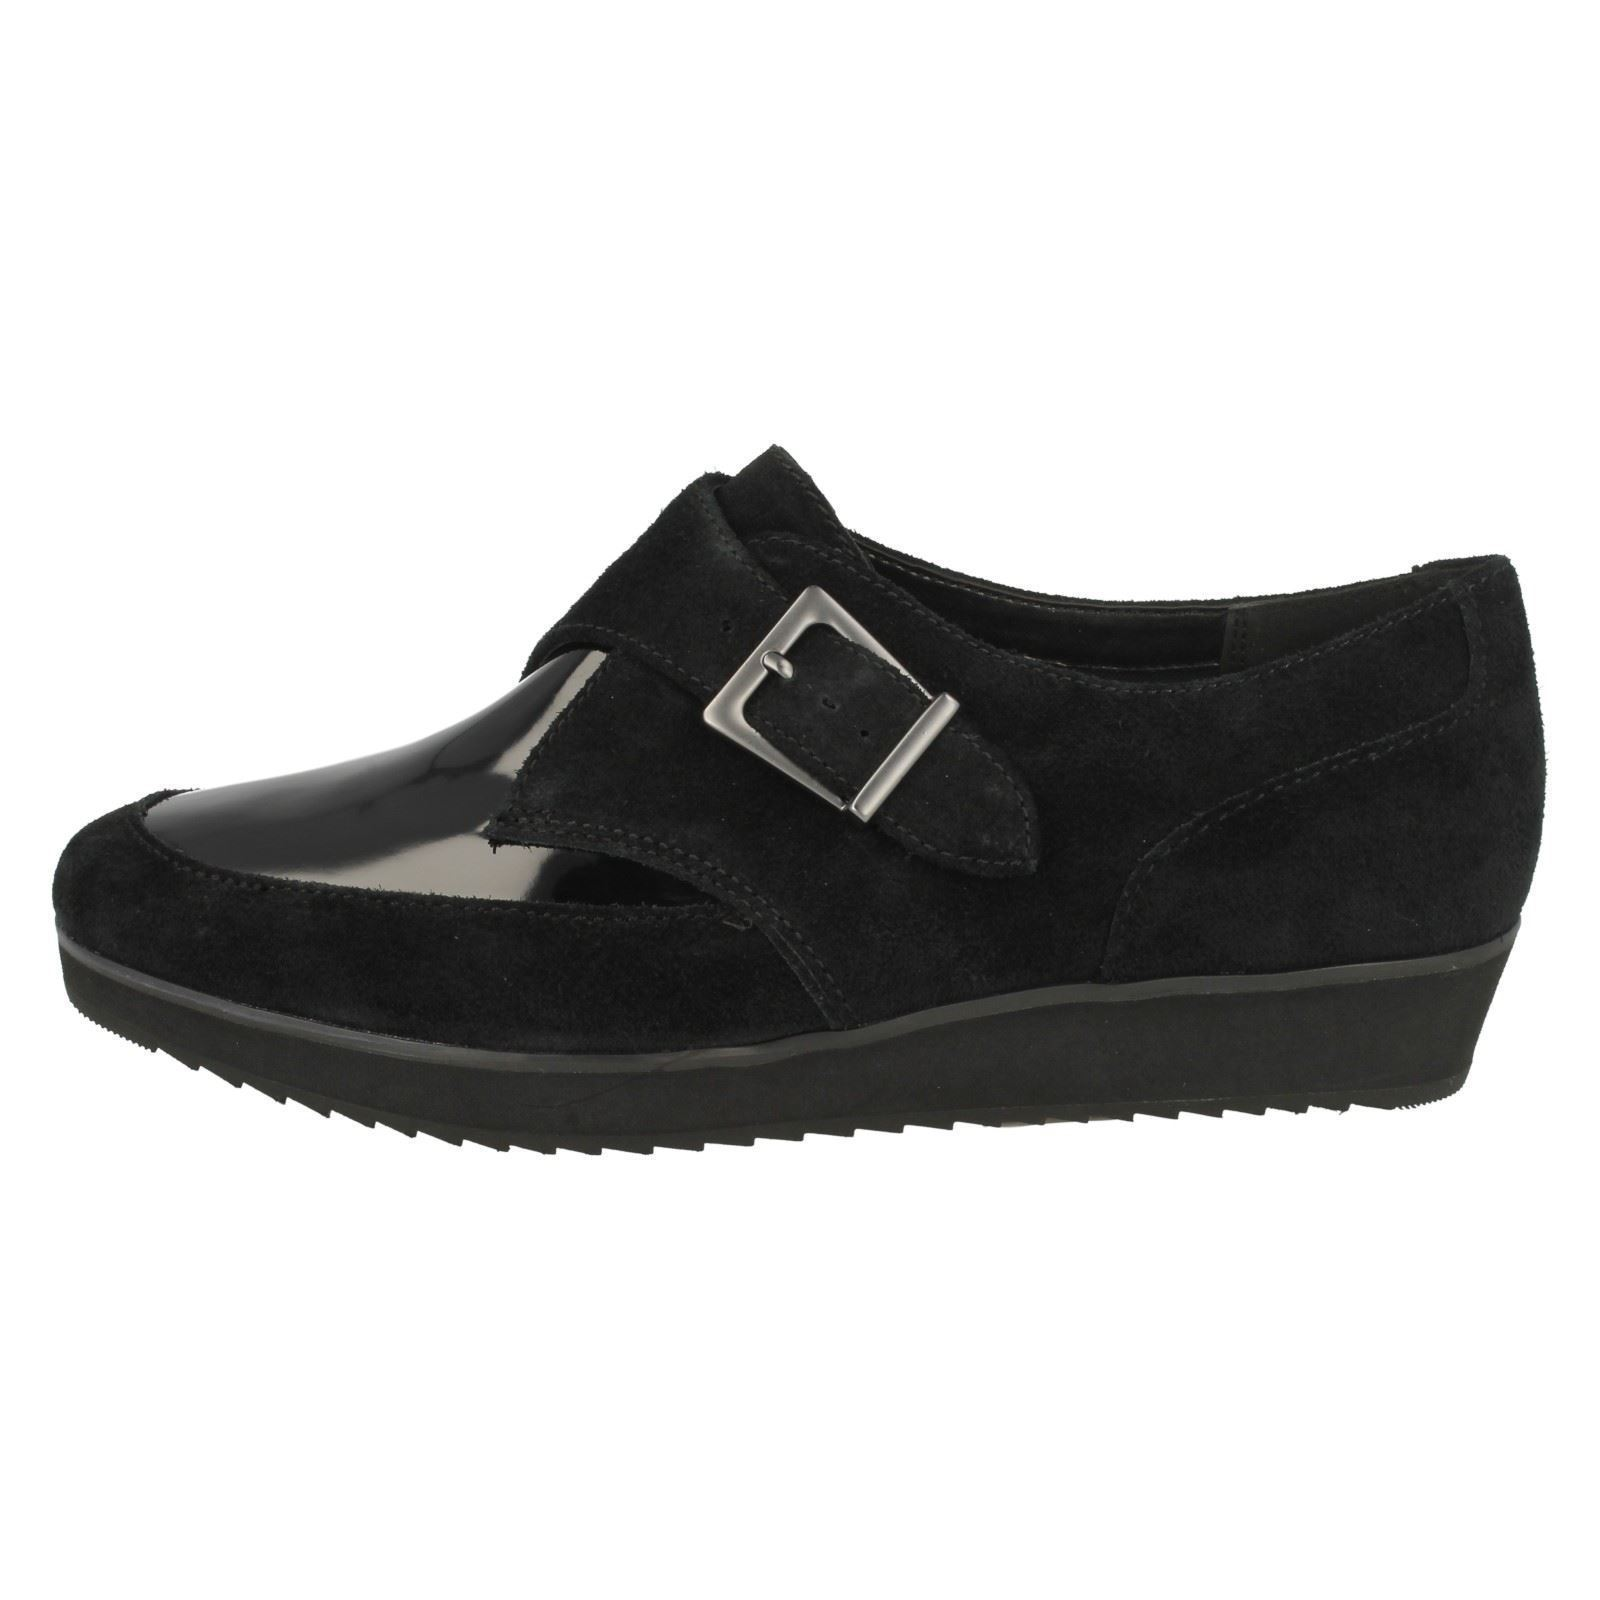 Damas Clarks Zapatos Hebilla Brújula Punto estilo ~ K